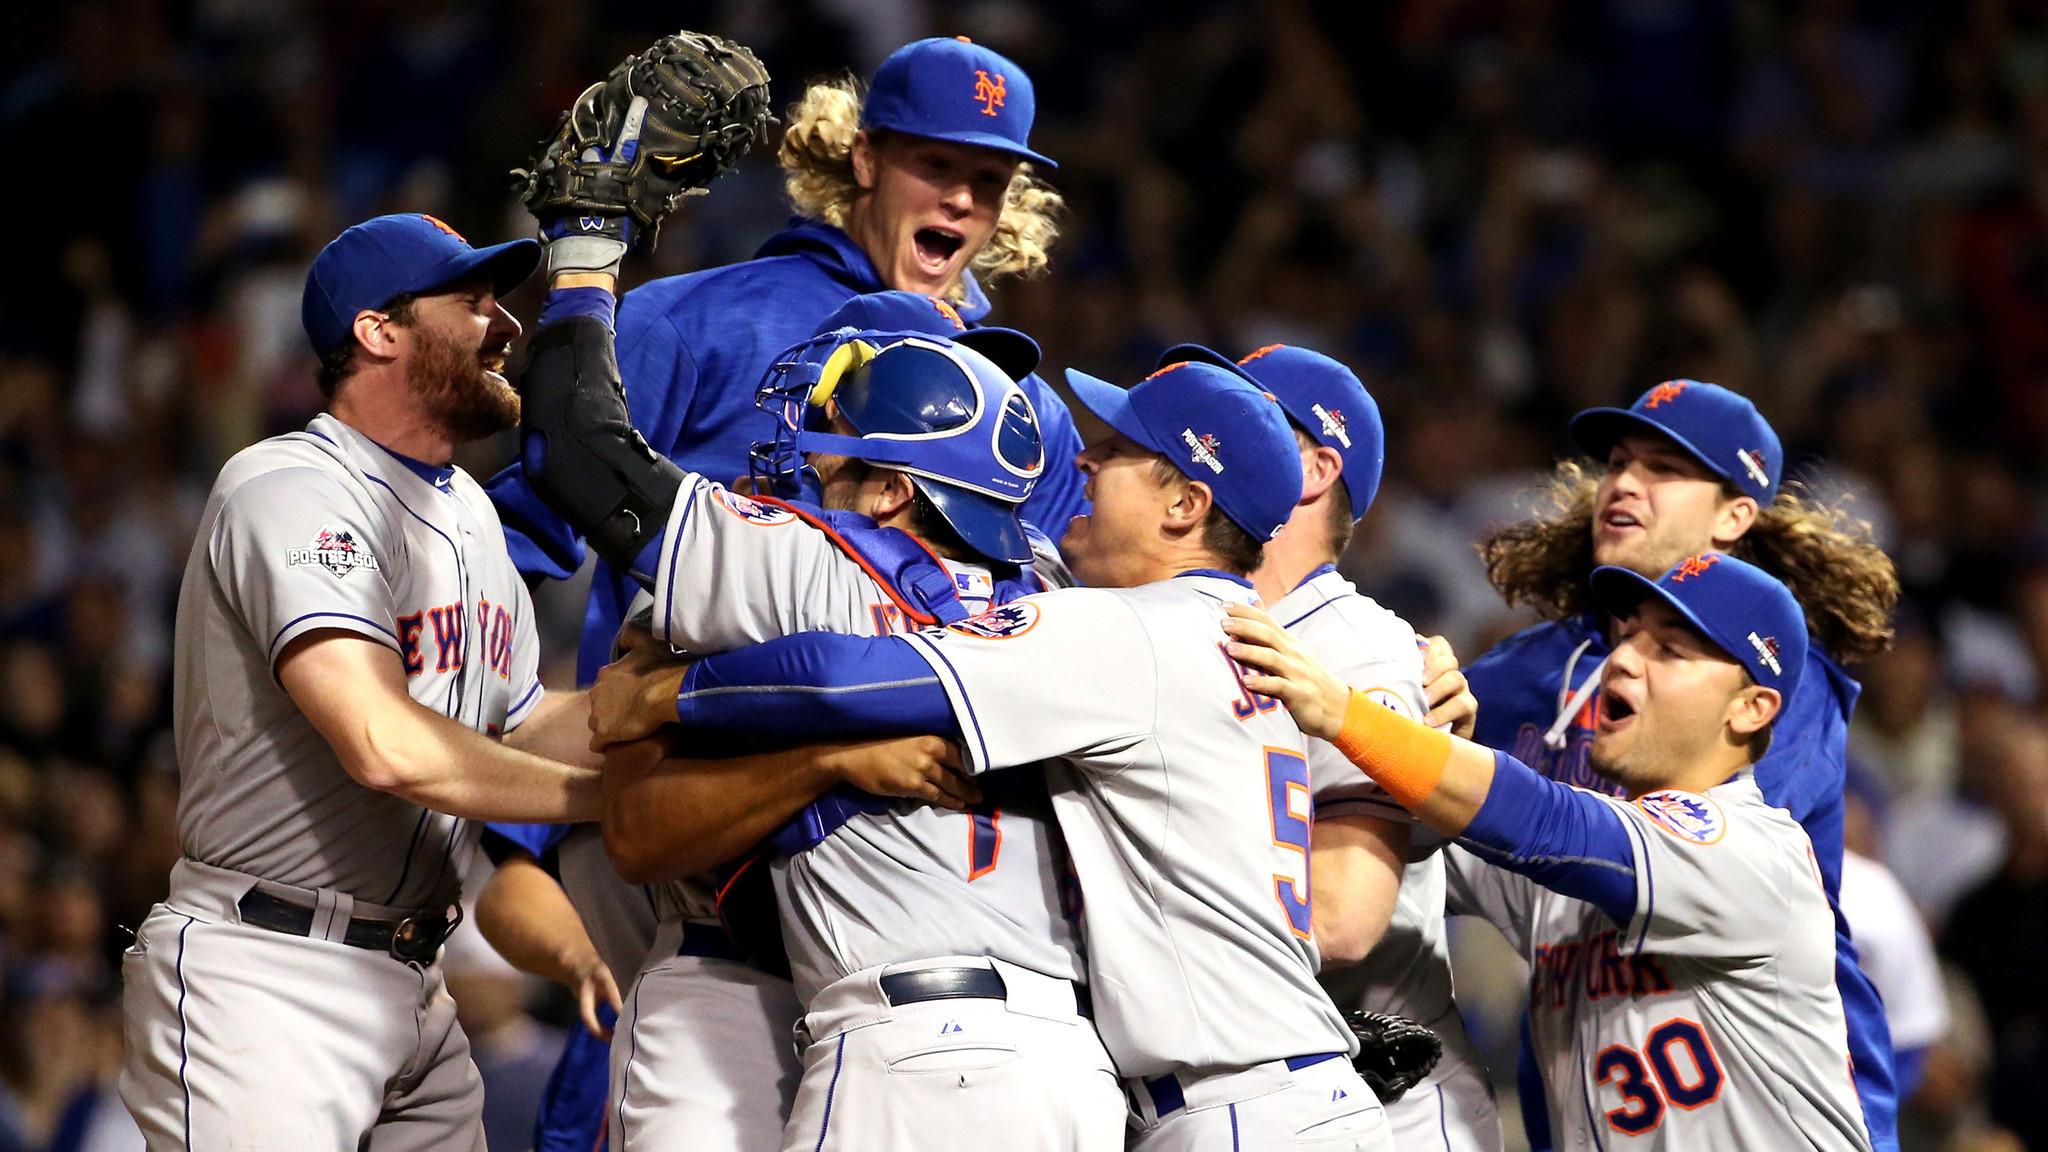 Mets plete sweep of Cubs in NLCS LA Times